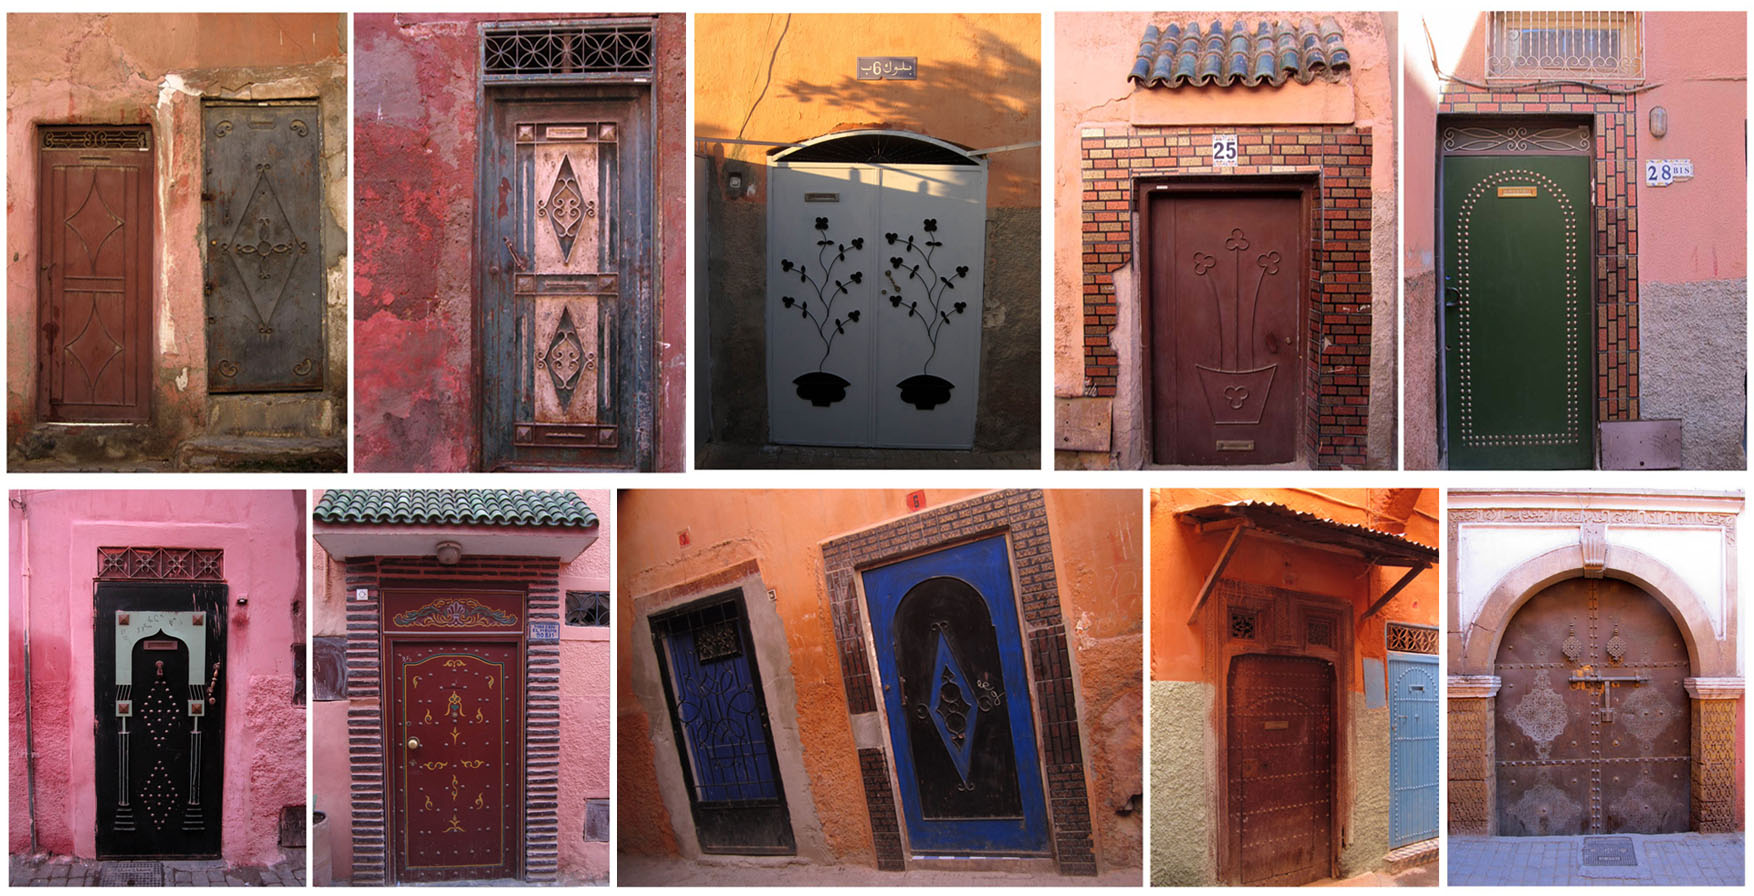 14 metal doors of Marrakesh 3